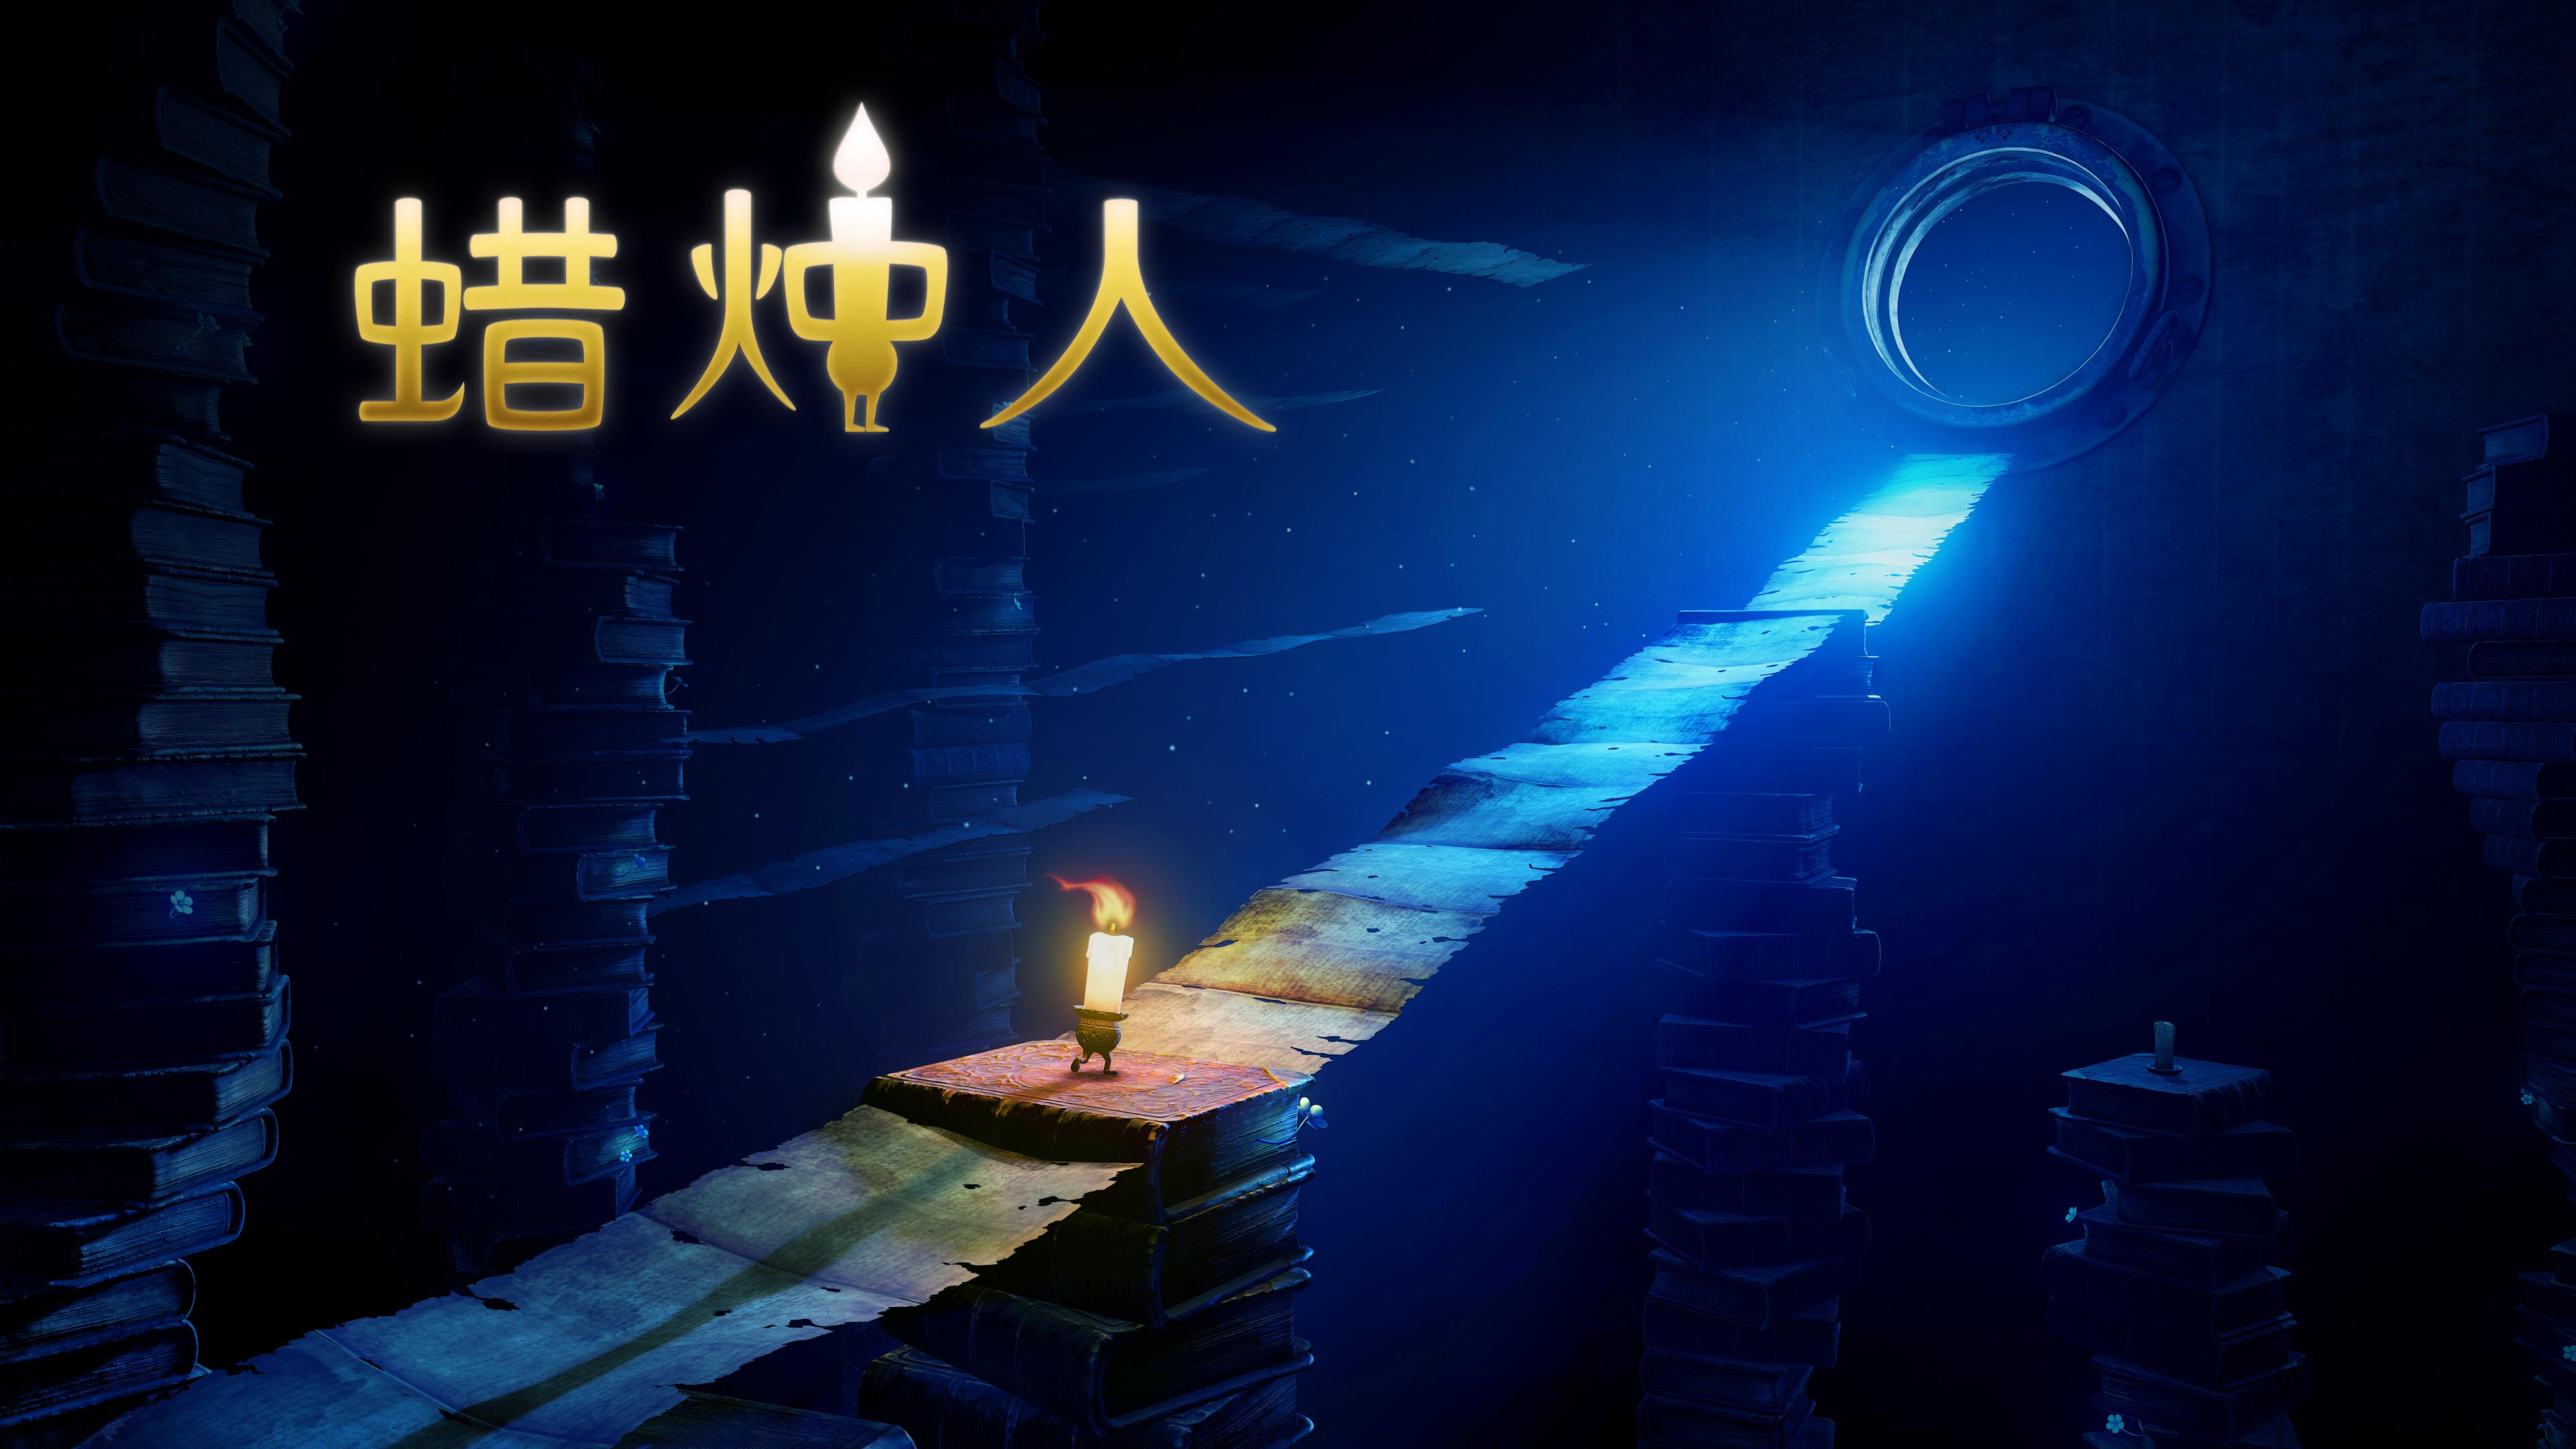 全球最好的8款游戏之一!中手游获《蜡烛人》手游版全球发行权